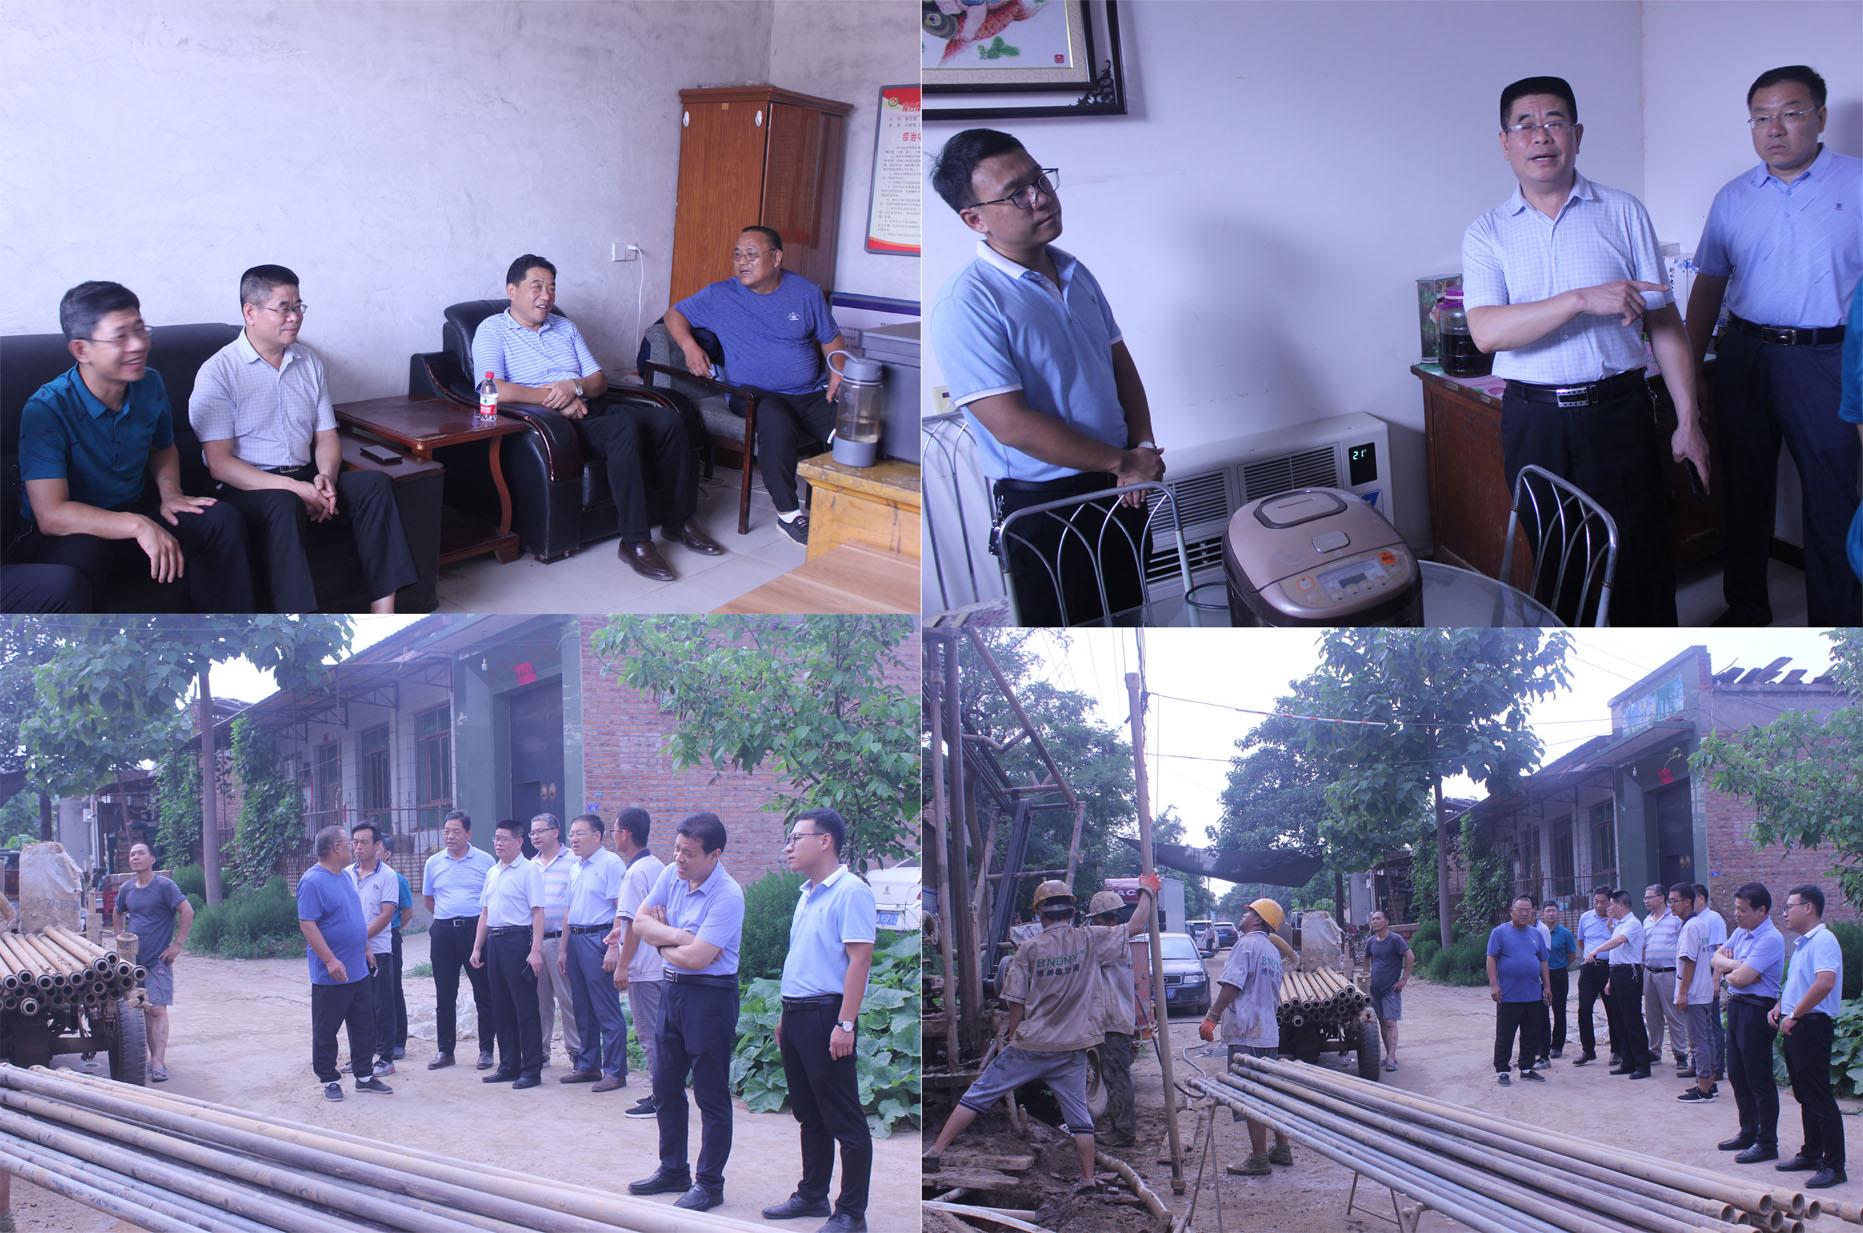 石家庄市双代办领导考察淘宝彩票为什么停售了晋州市南白滩村煤改电工作